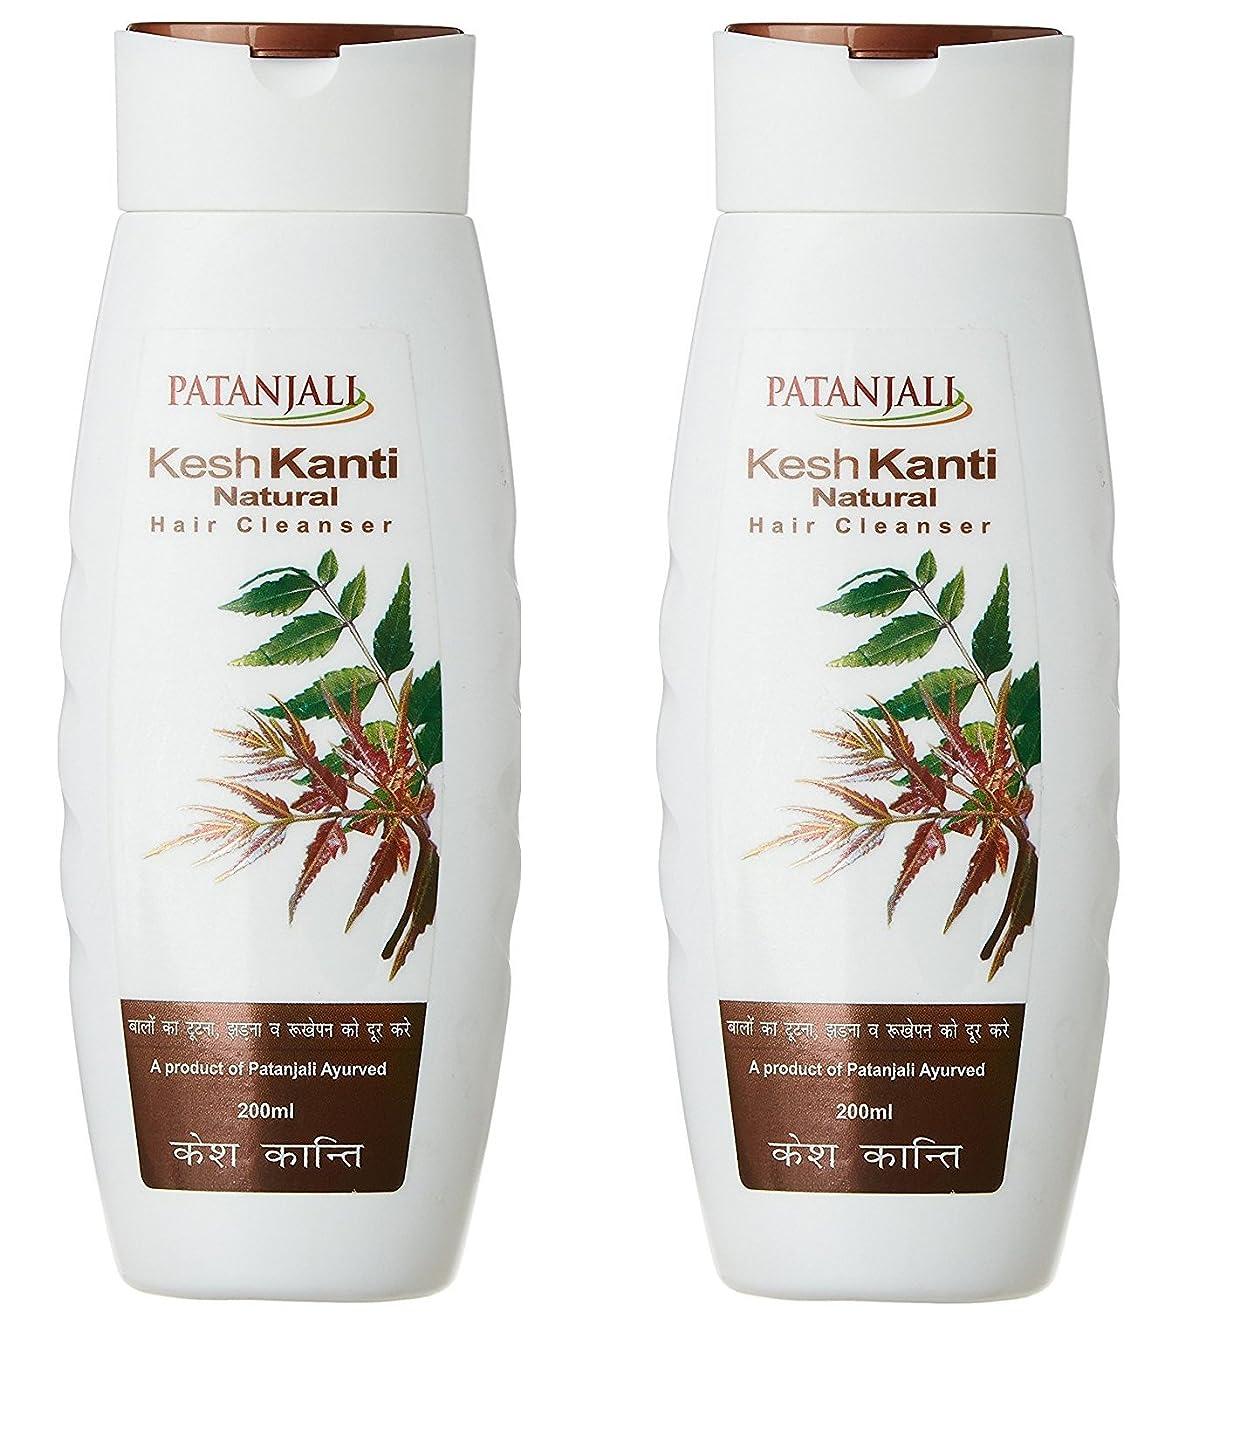 酸素急ぐマトンPatanjali Kesh Kanti Natural Hair Cleanser Shampoo, 200ml (Pack of 2)